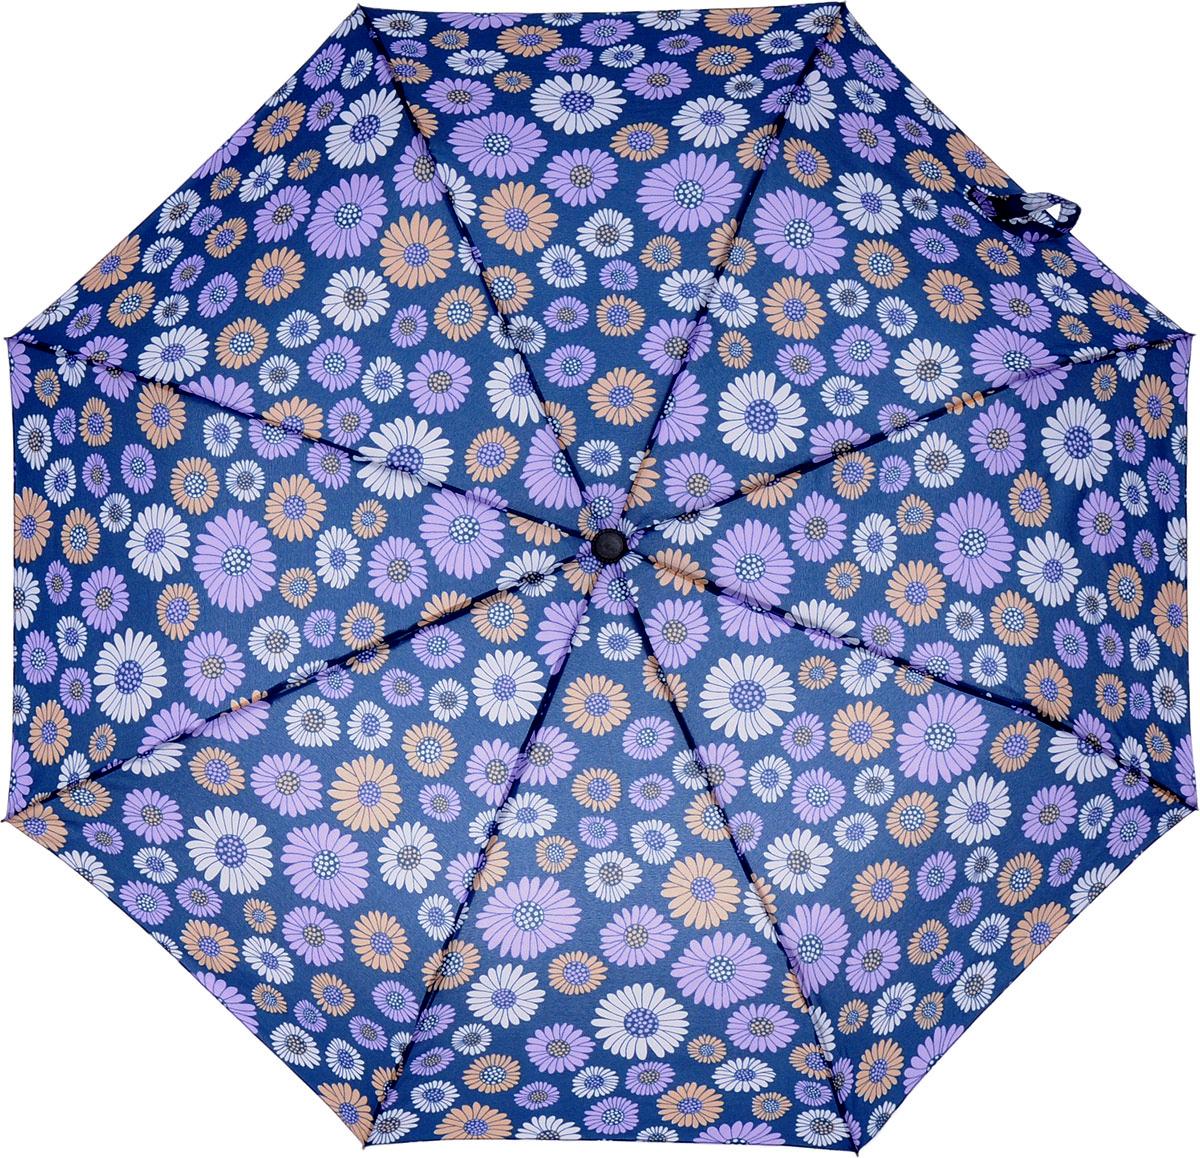 Зонт женский Mitya Veselkov, цвет: синий, 2 сложения. ZONT4-03K60K602461_0010Прекрасный надежный автоматический зонт Mitya Veselkov с модным цветочным принтом укроет от дождя и станет стильным аксессуаром, дополняющим Ваш образ. Удобная ручка из материала приятного на ощупь. В комплекте чехол для зонта. Ширина купола — 100 см